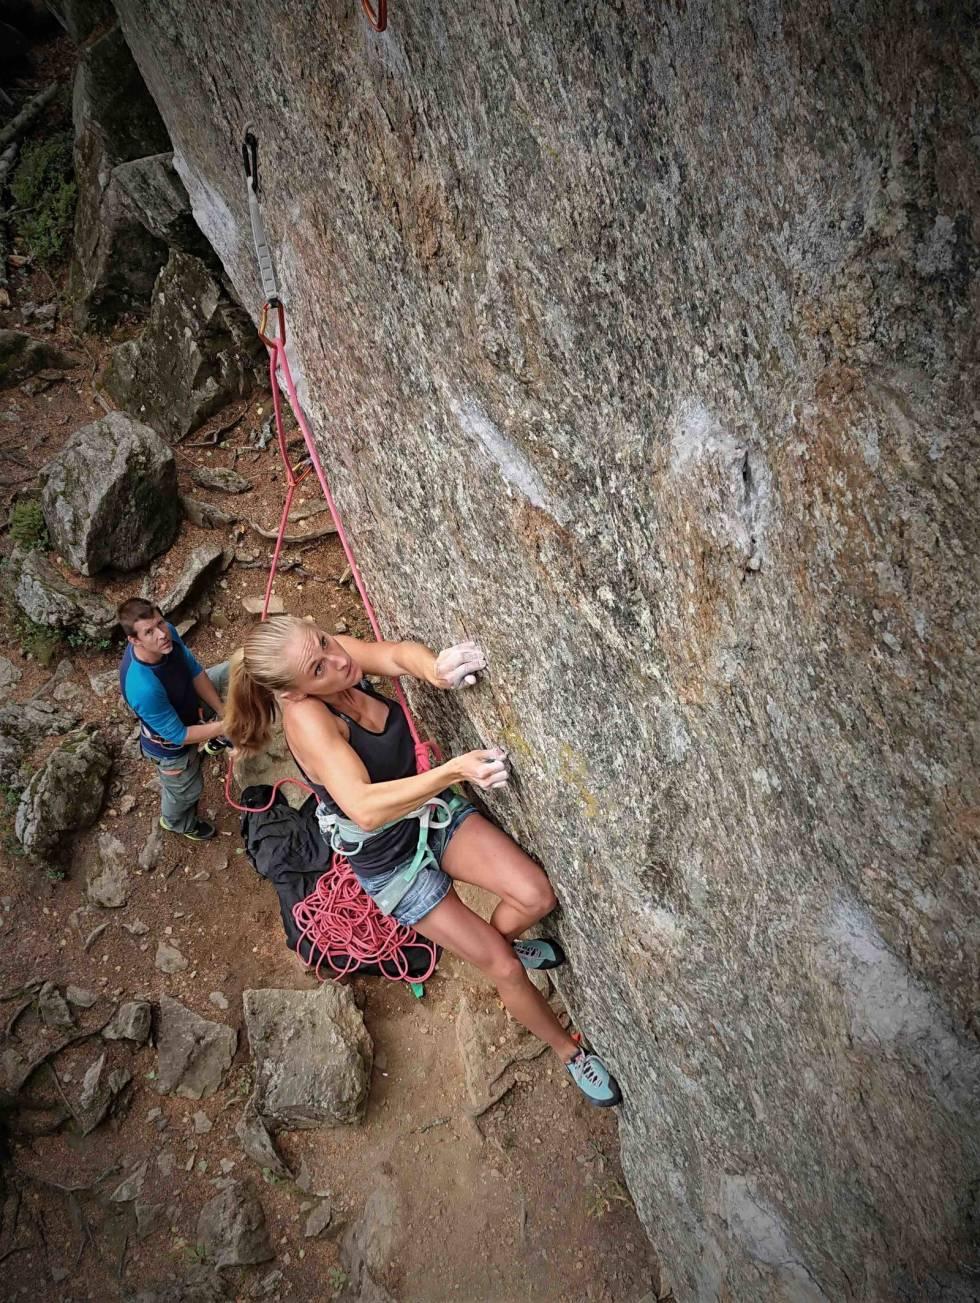 Fokus: Victoria Nordberg på vei ut av cruxet på Sadomaoisten, 8+. Foto: Paula Voldner